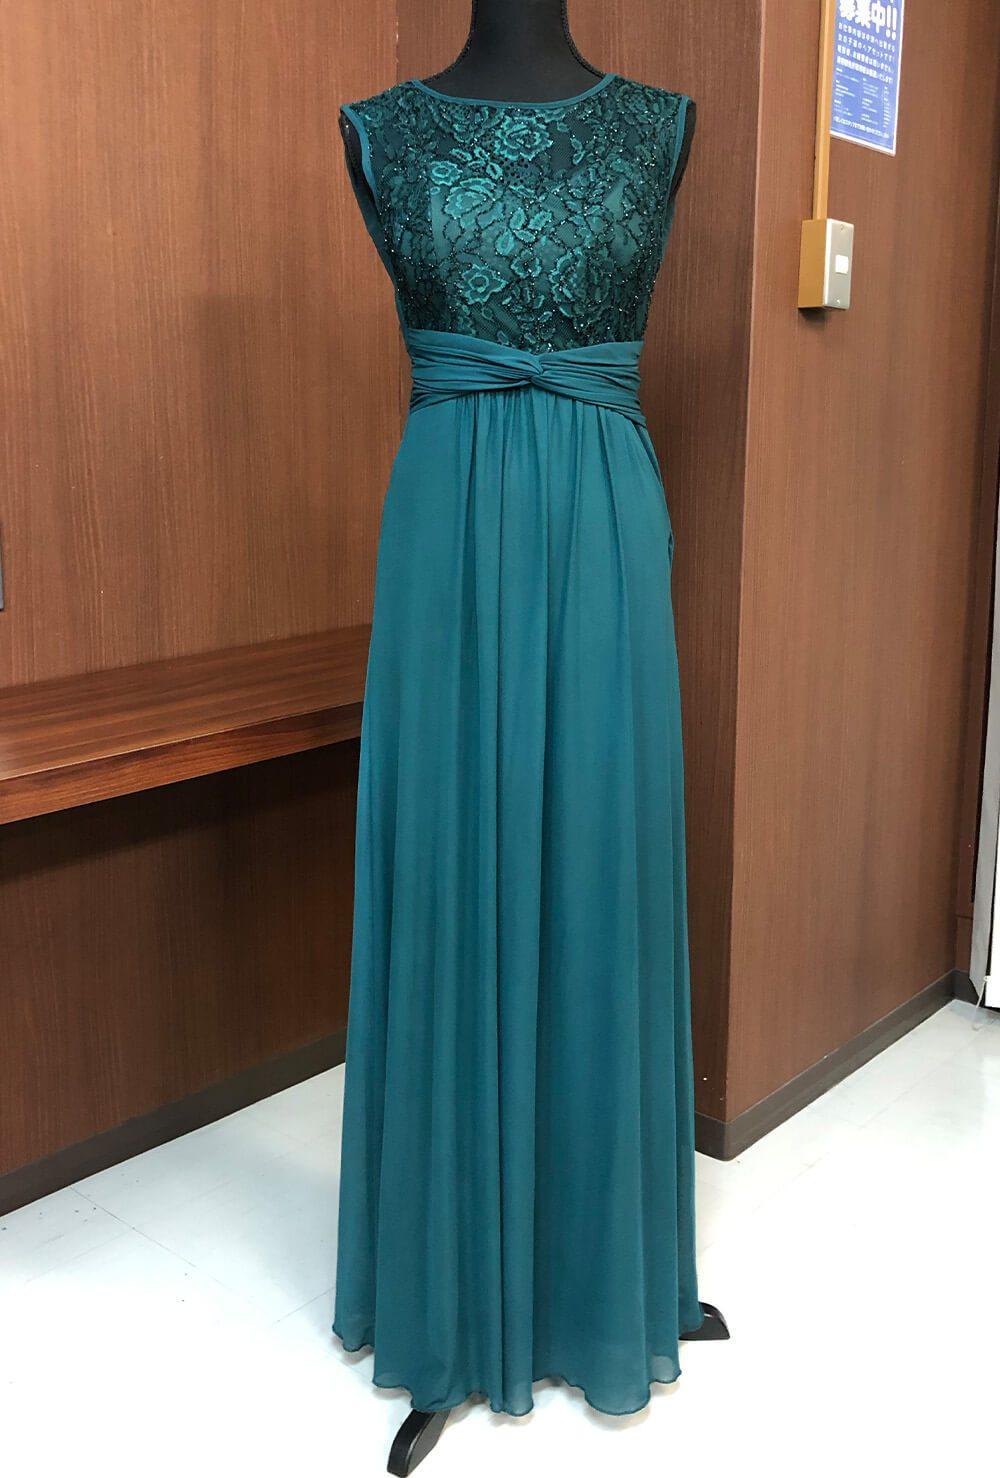 クジャクの羽根を思わせる艷やかな光沢のあるグリーンのドレス